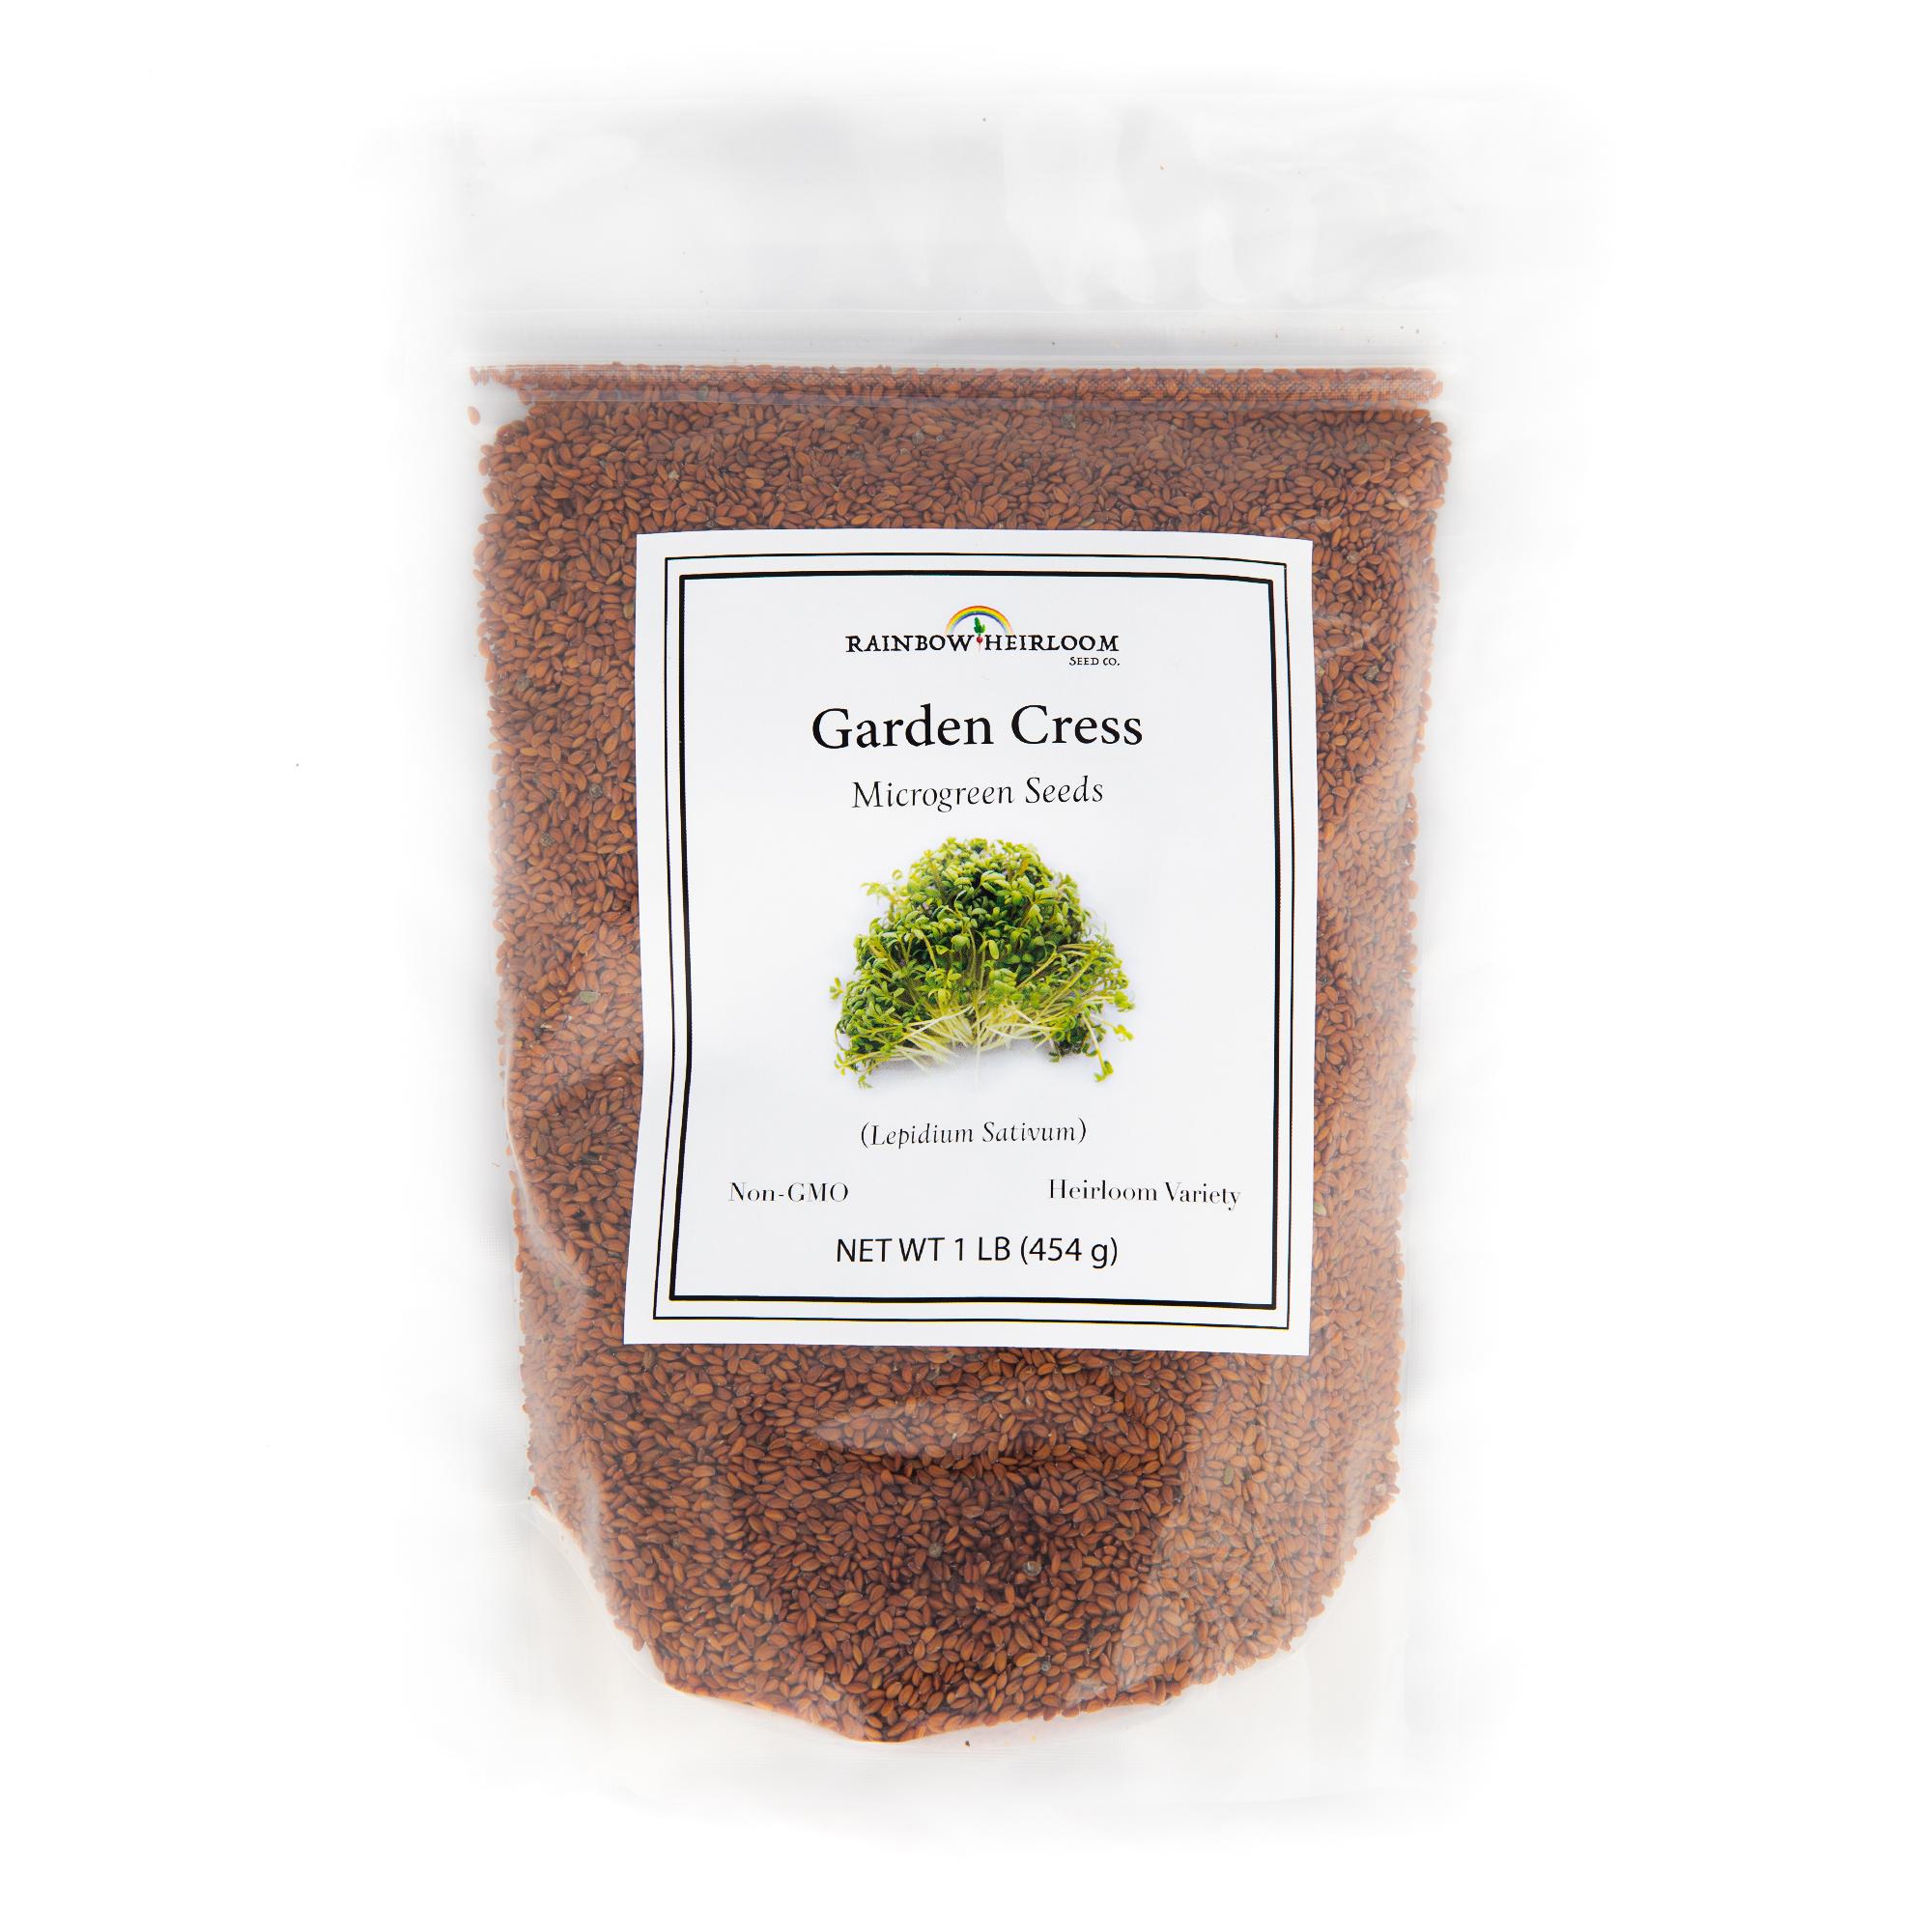 Garden Cress Microgreen Seeds